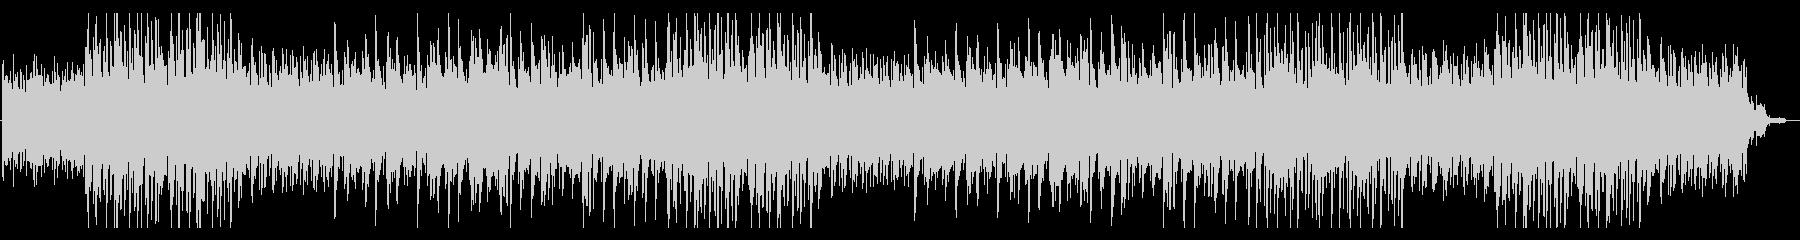 ゆったり心地良いピアノ トークBGMにの未再生の波形